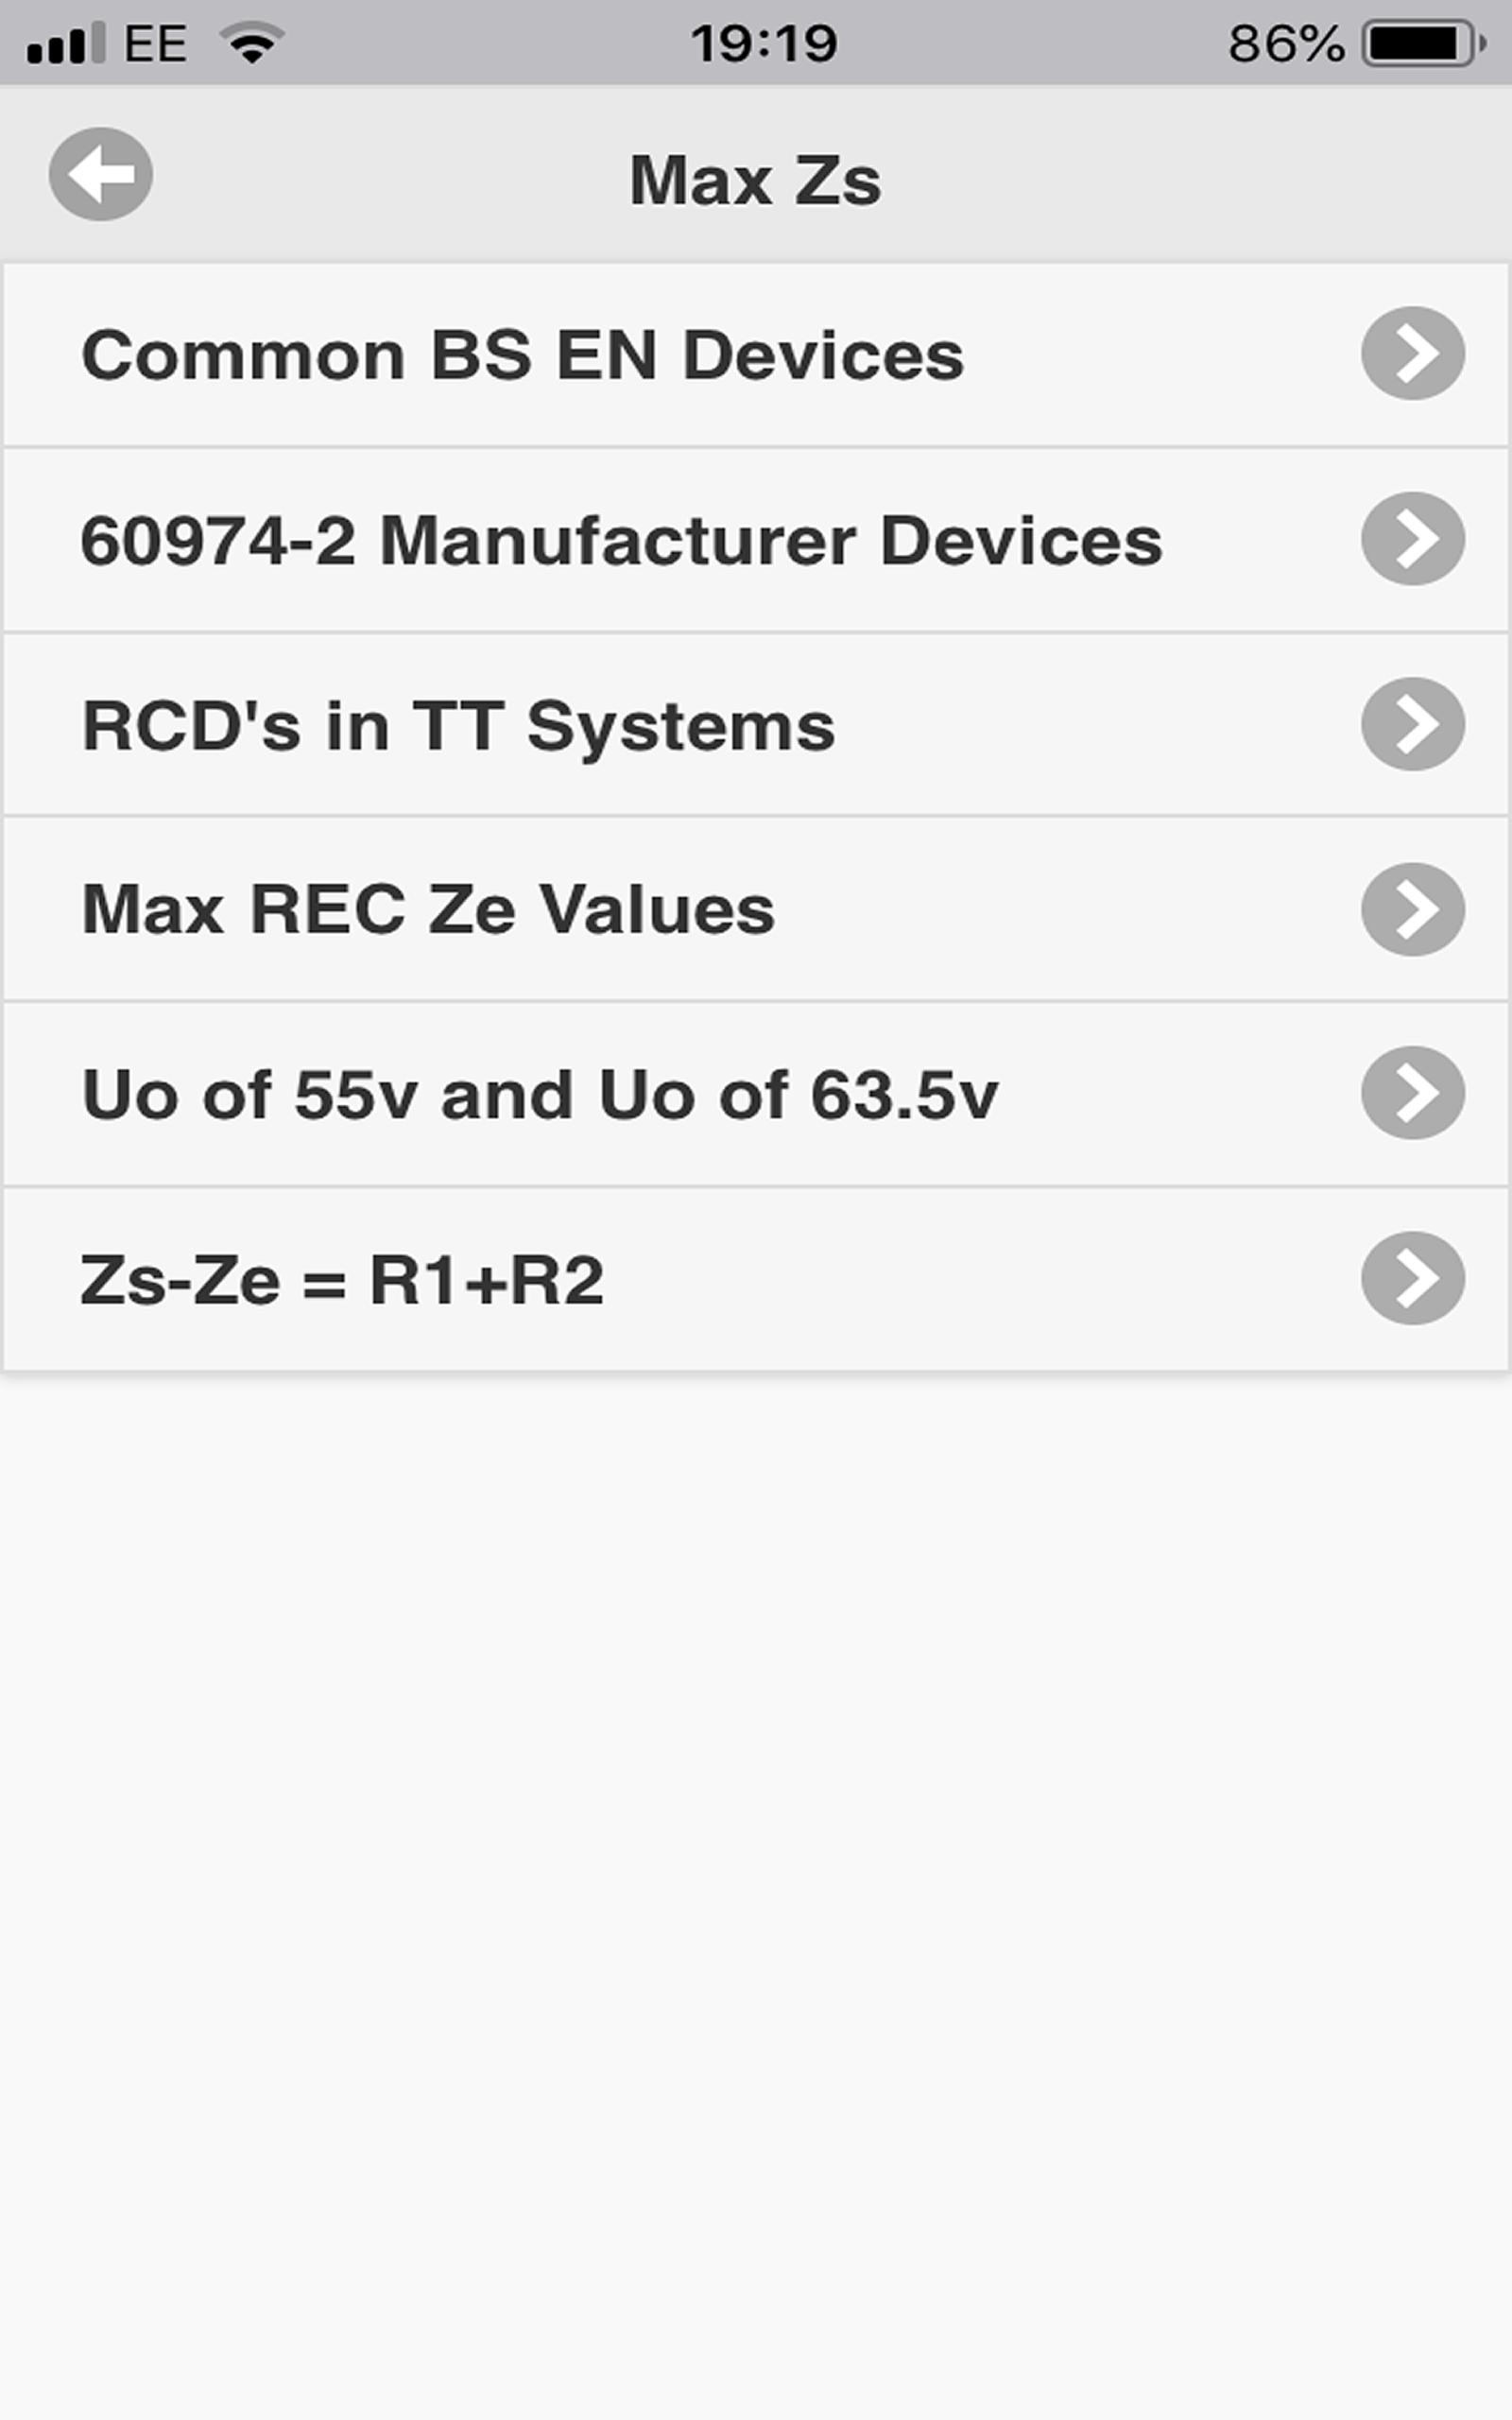 Max Zs Values Screenshot